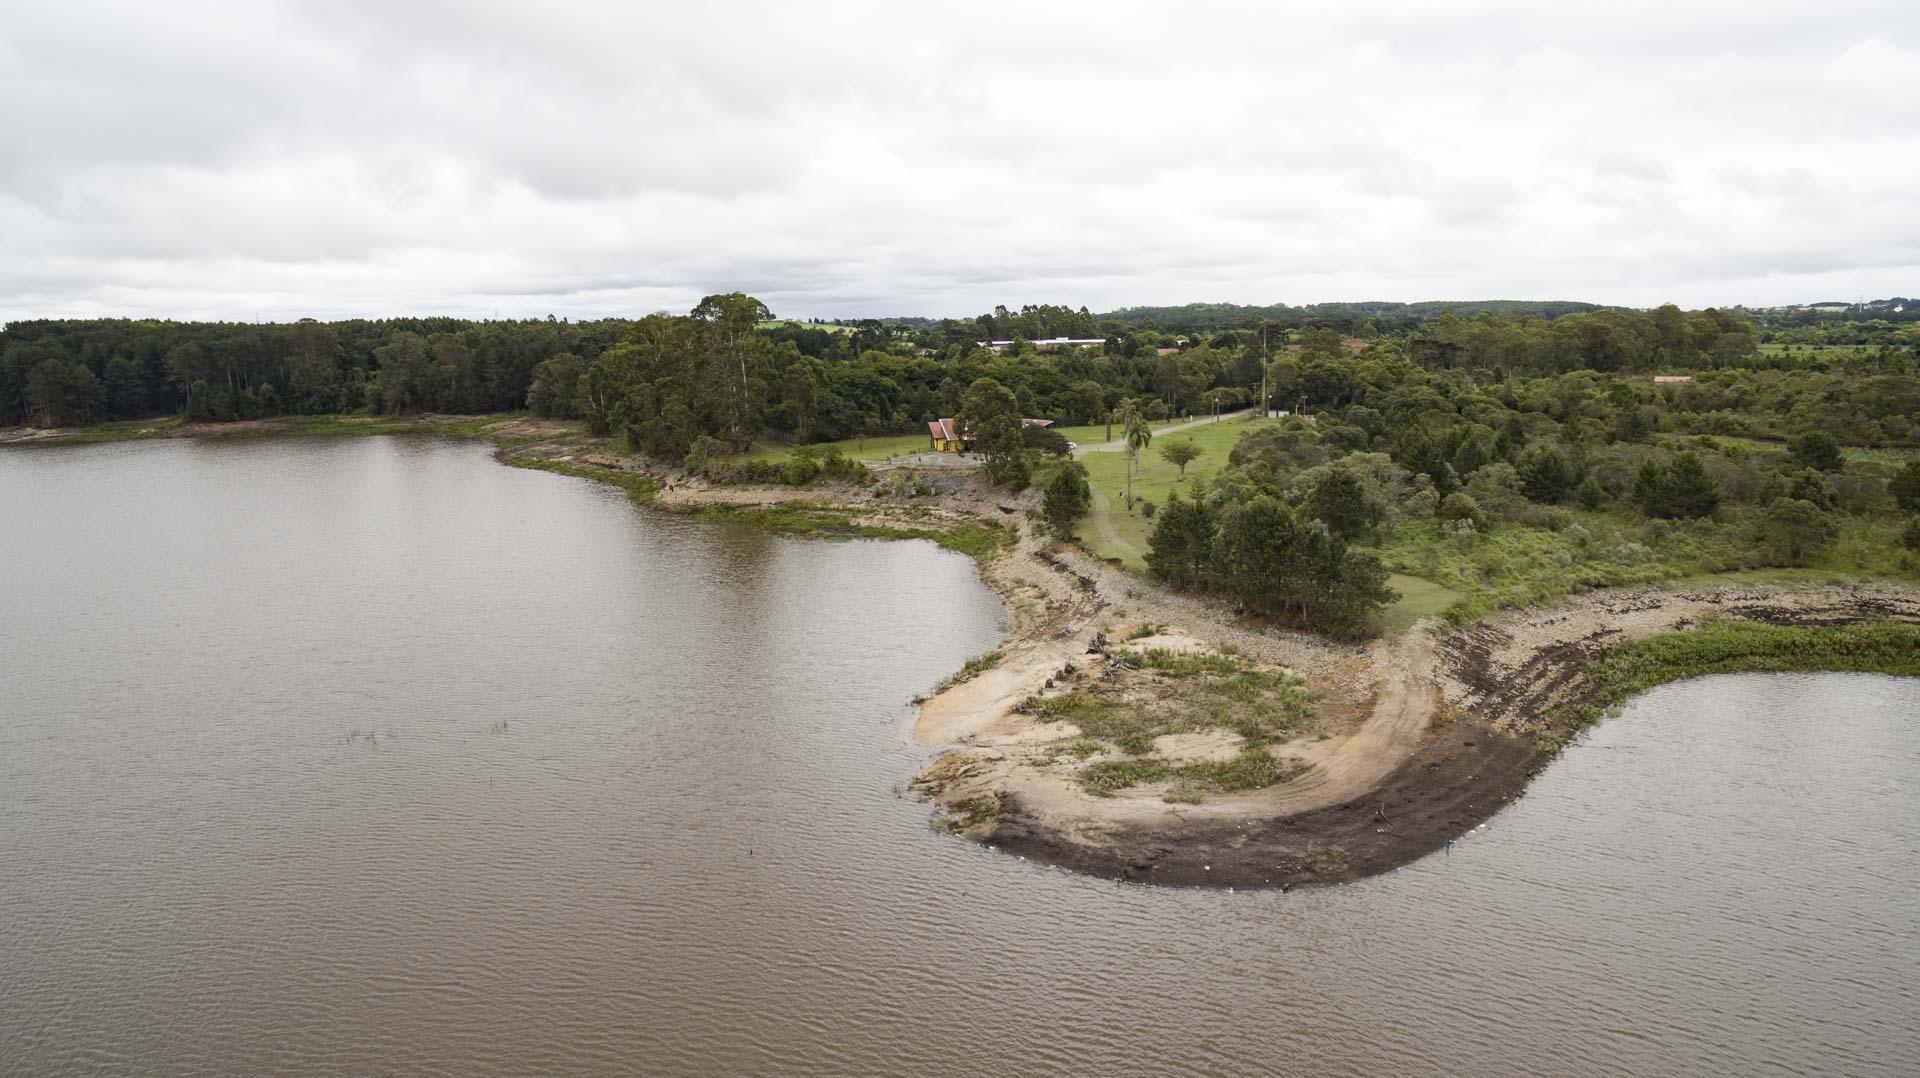 Barragem do Iraí é um dos mananciais de abastecimento de Curitiba e Região Metropolitana.